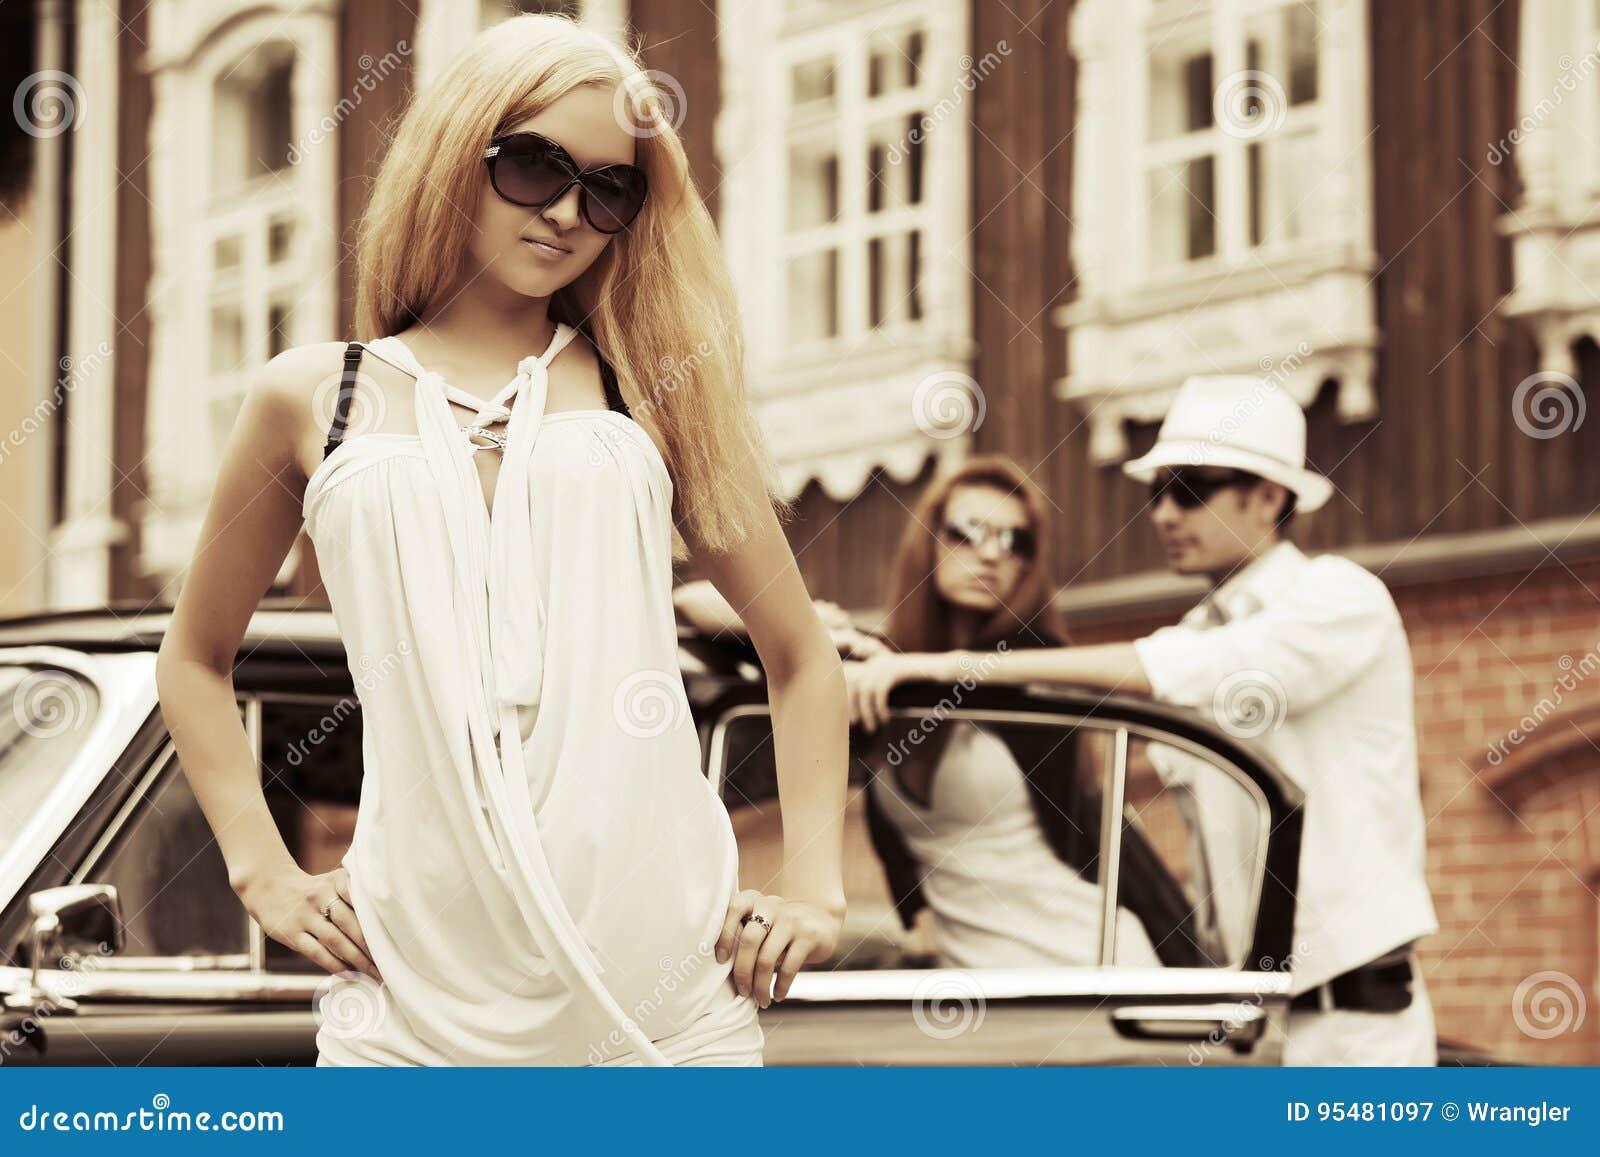 Szczęśliwi potomstwa fasonują blond kobiety w biel sukni obok rocznika samochodu